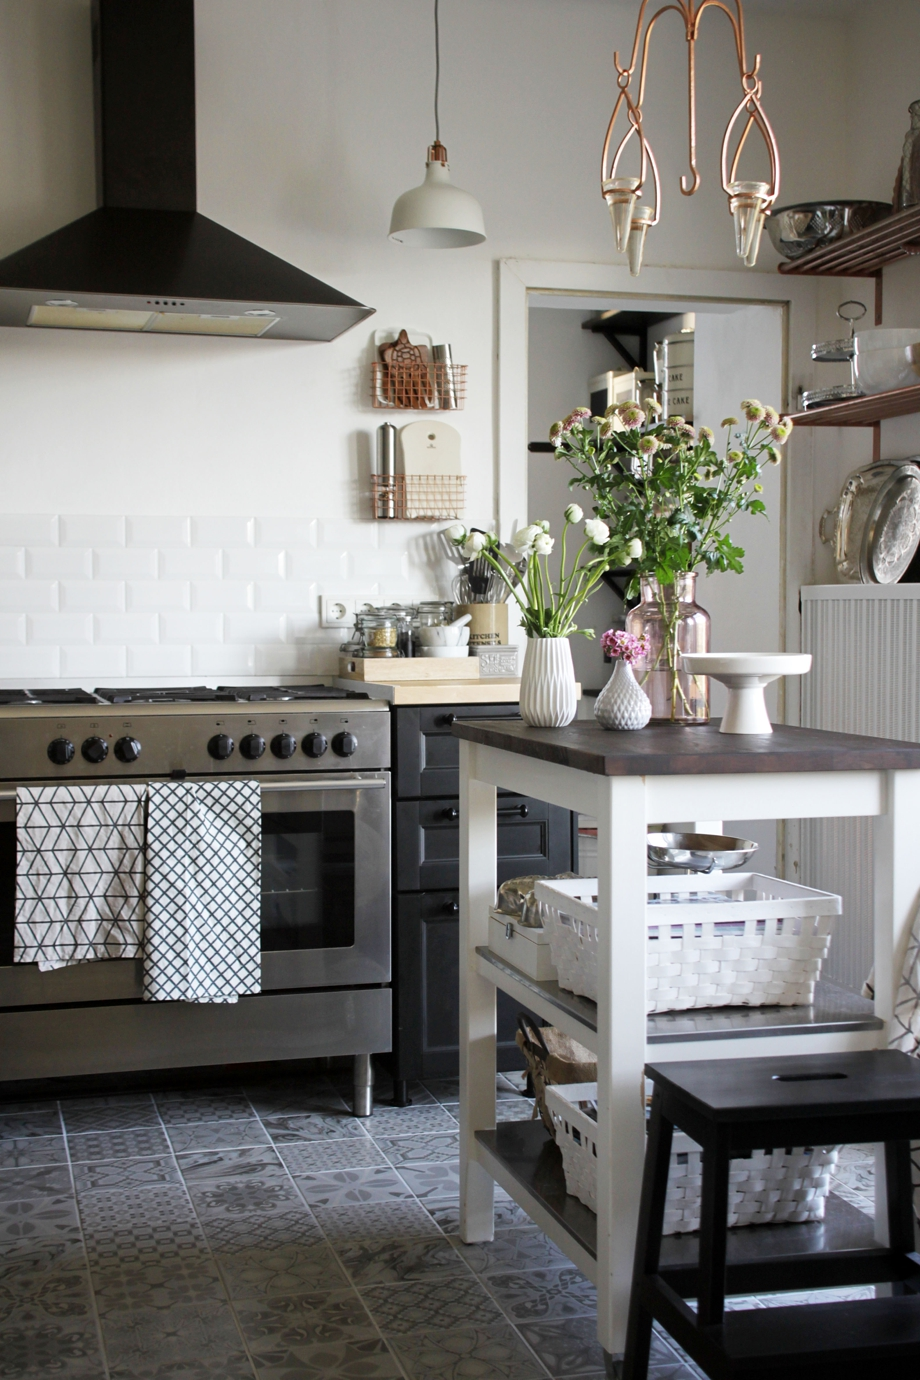 schoen bei dir blogger depot wienerwohnsinn 0001 sch n bei dir by depot. Black Bedroom Furniture Sets. Home Design Ideas